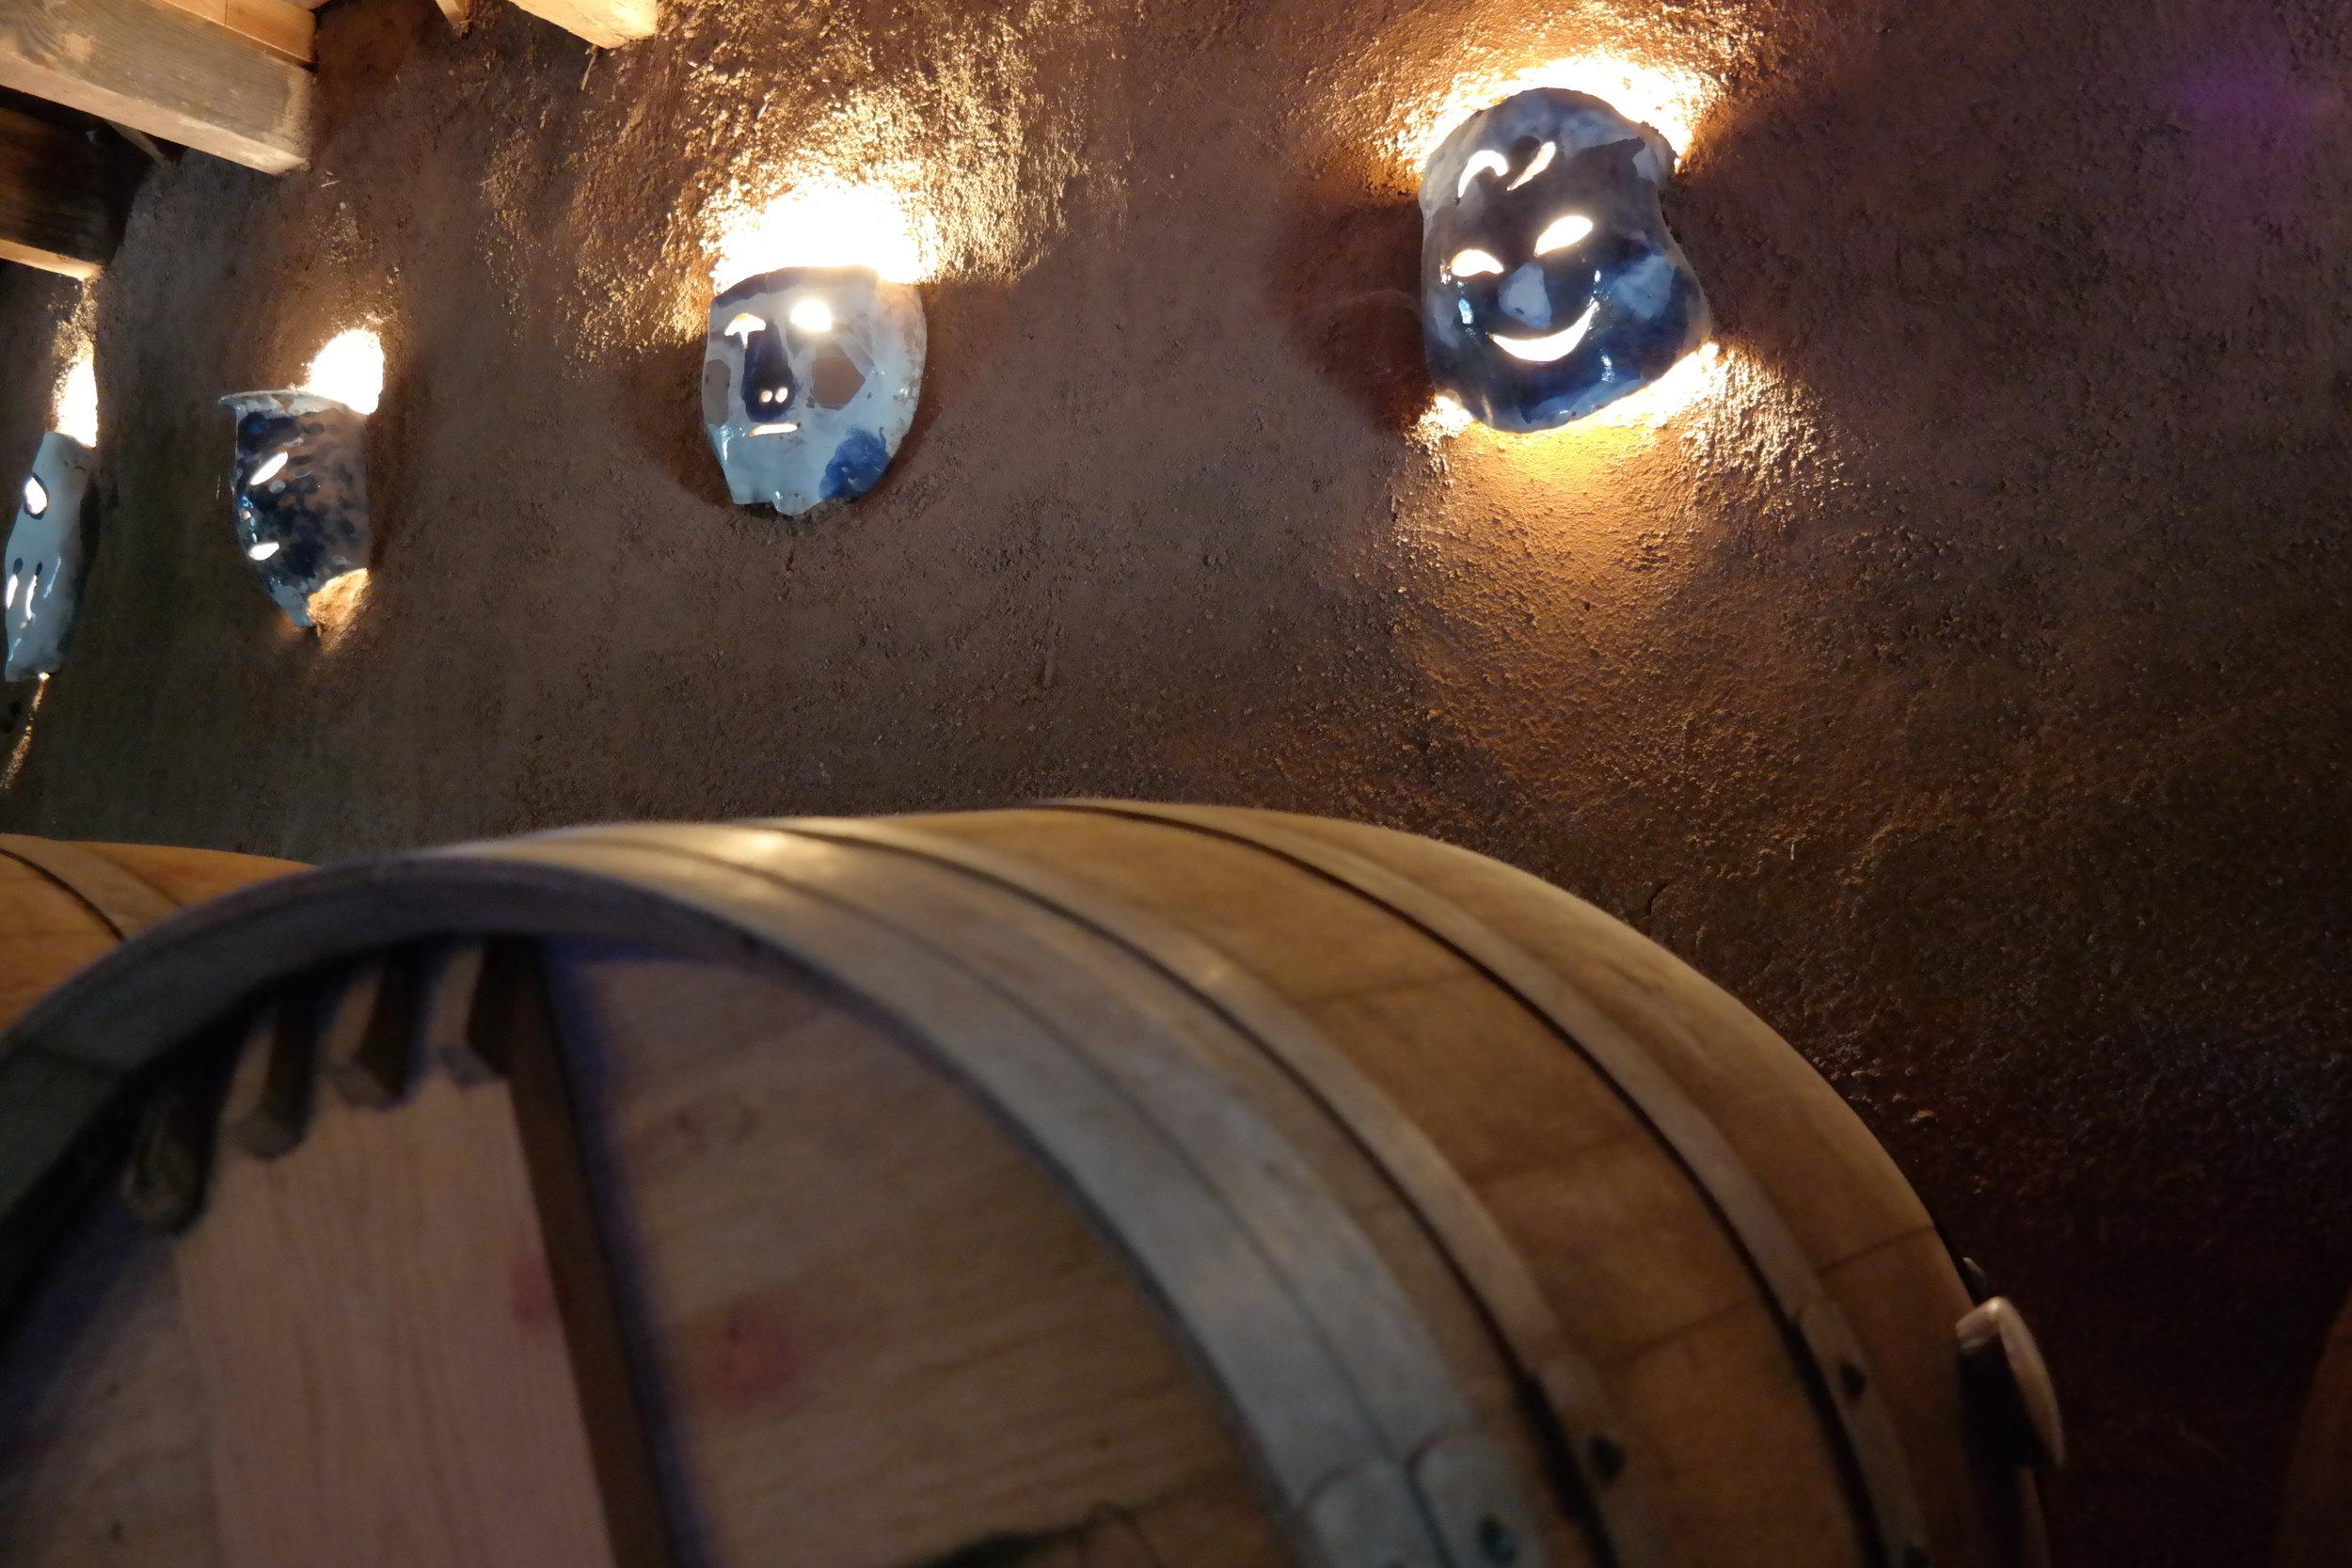 Wine barrels in cob house tasting room of Sol y Barro